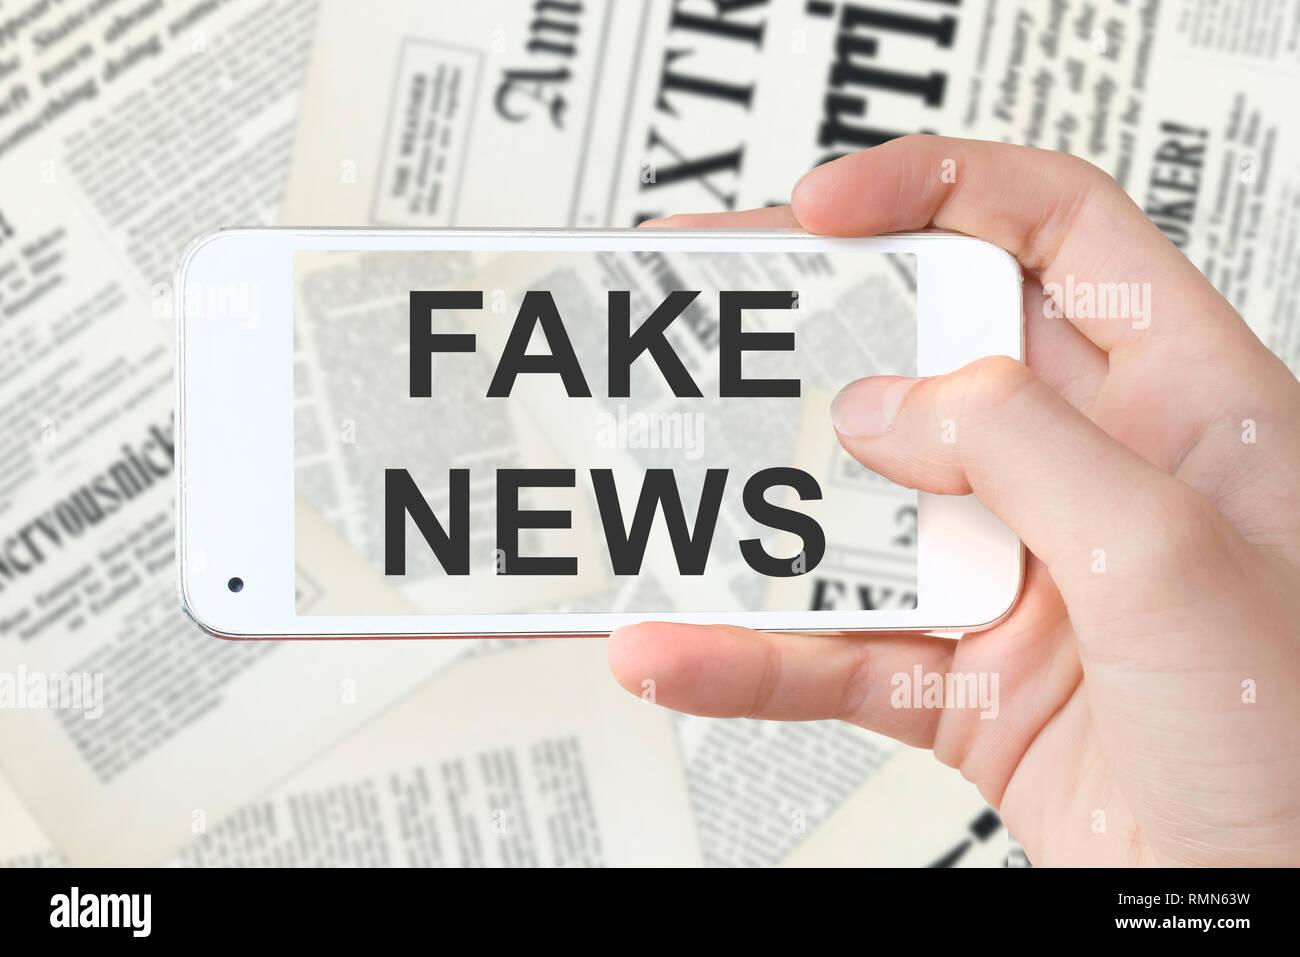 Falsa notizia scritta su un computer lo schermo dello smartphone, offuscata quotidiani sullo sfondo Immagini Stock